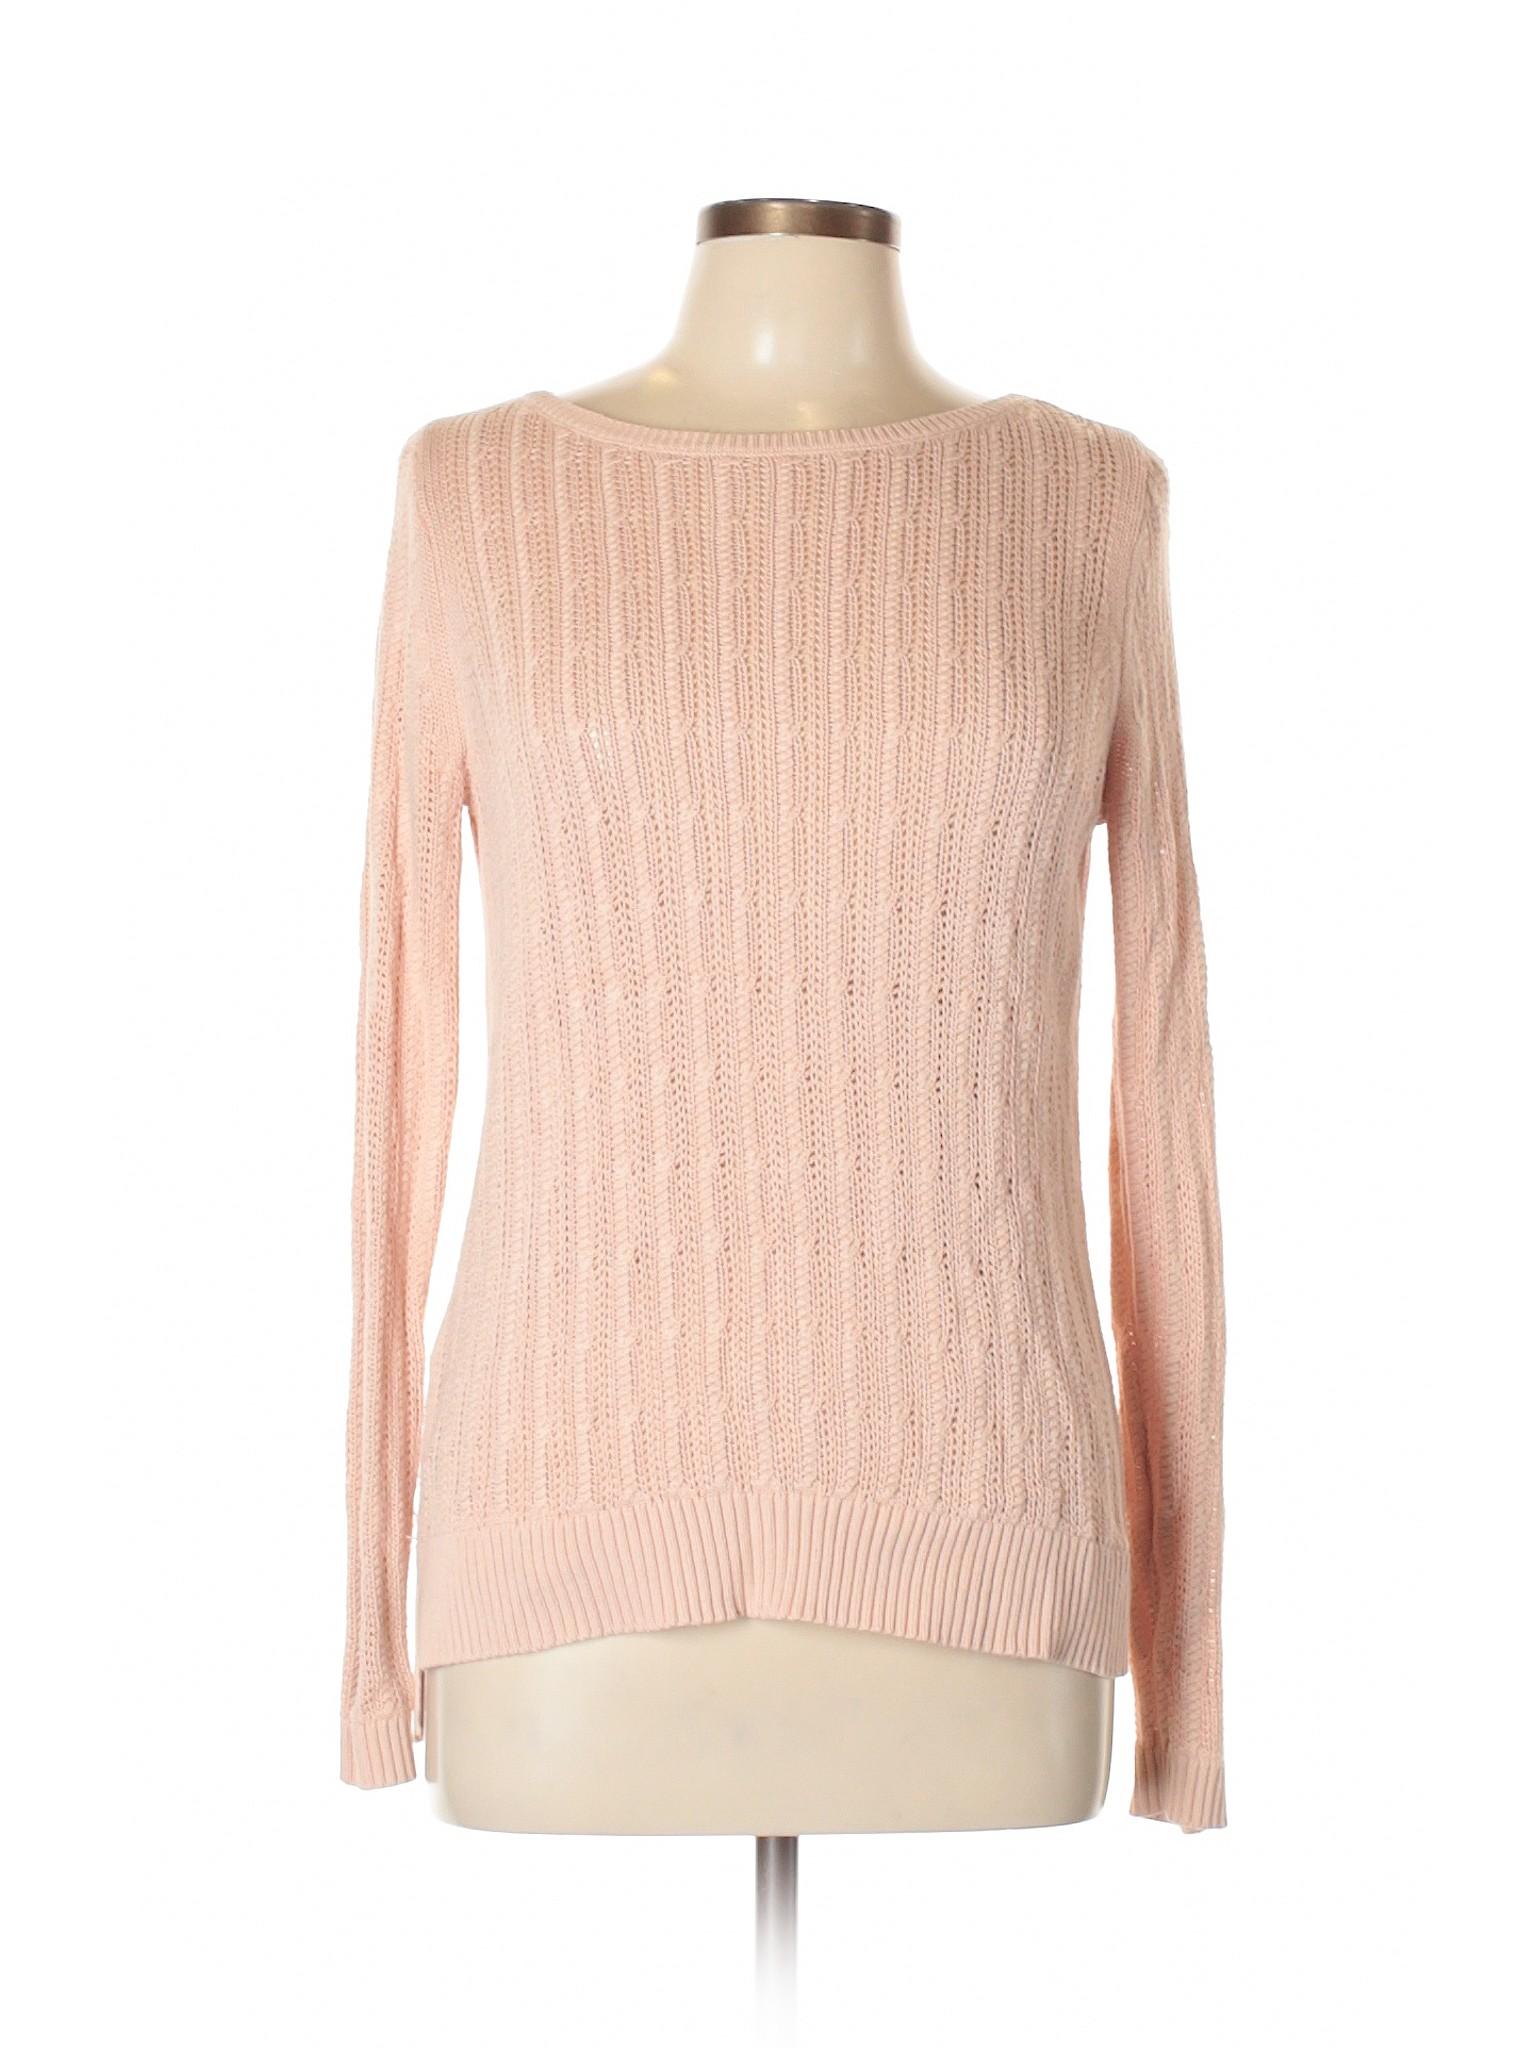 LOFT Taylor Ann Sweater Pullover Boutique winter qtEatp